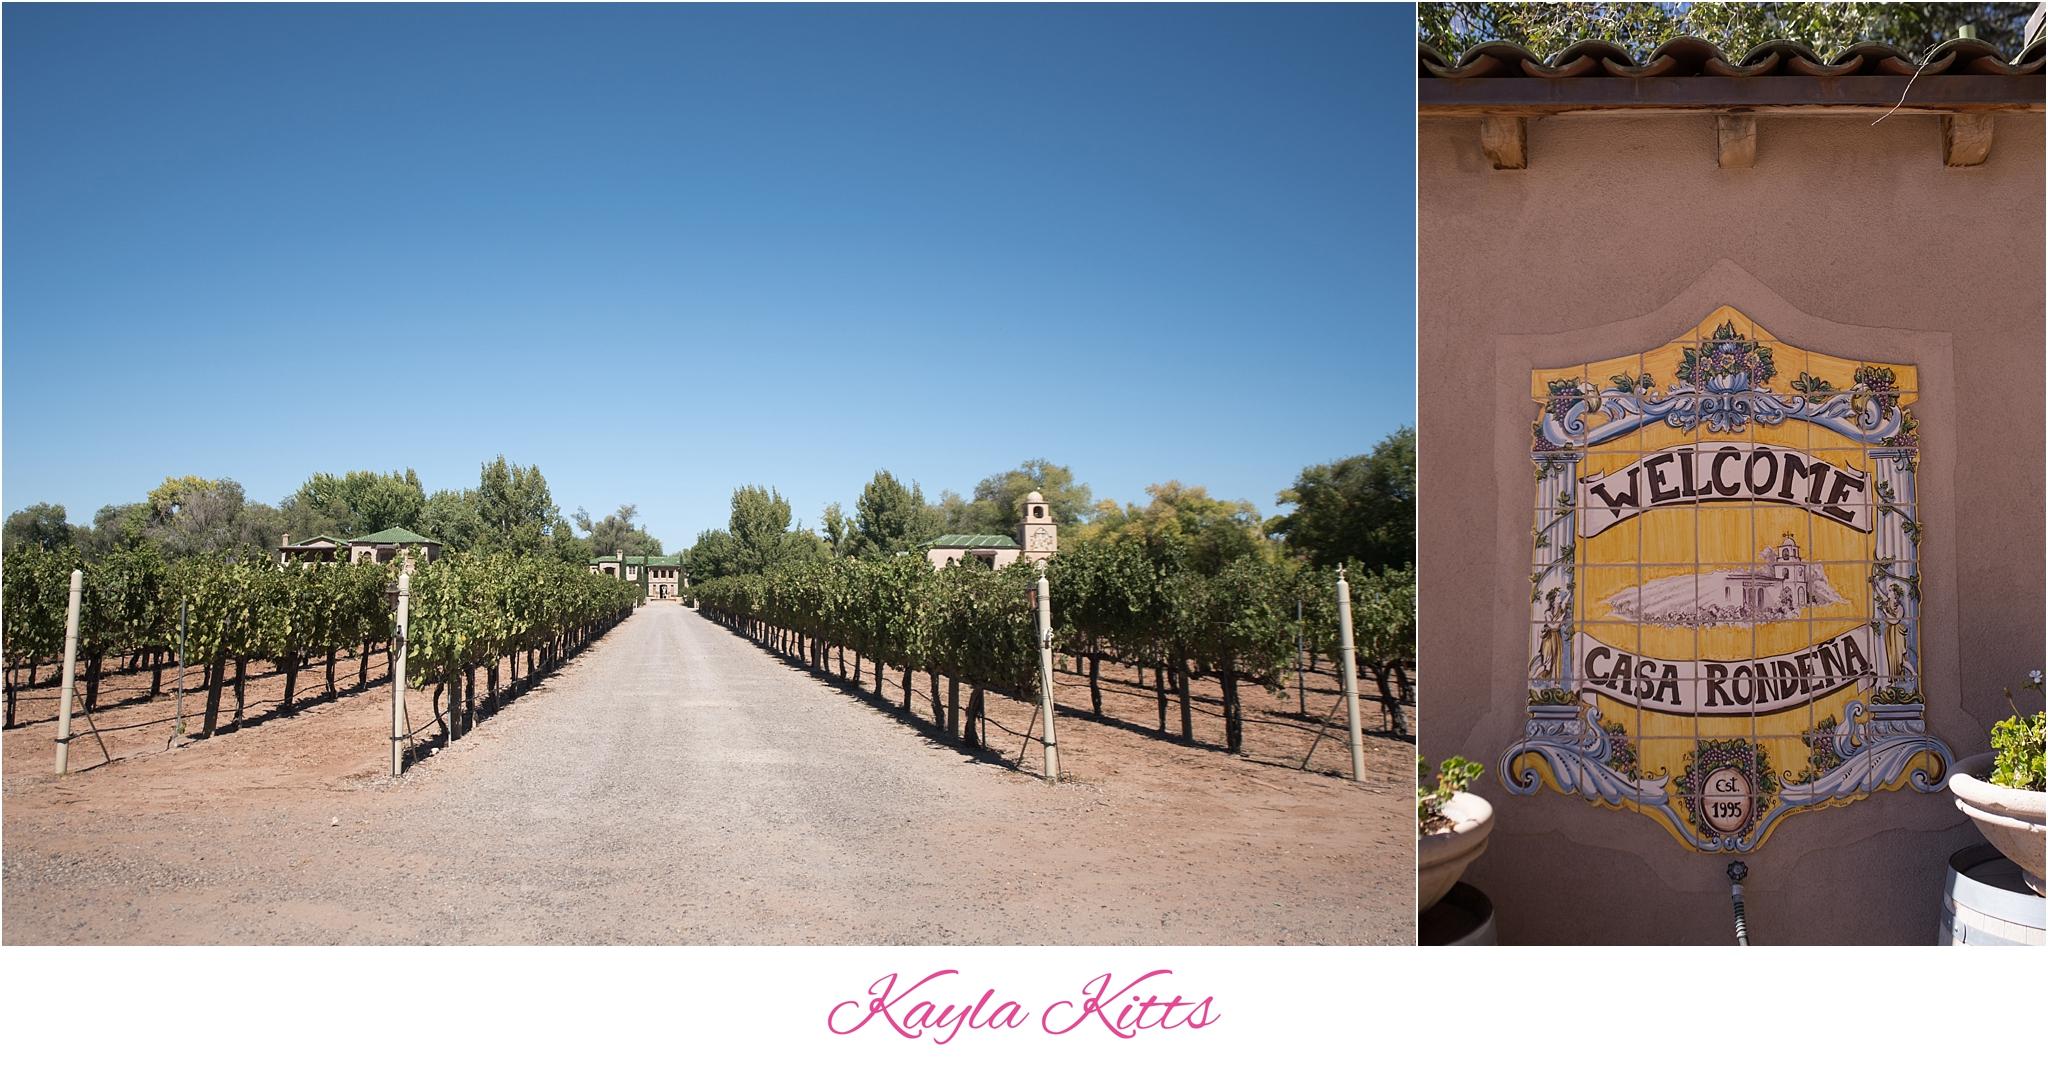 kayla kitts photography - albuquerque wedding photographer - albuquerque wedding photography - albuquerque venue - casa rondena - casa rondea wedding - new mexico wedding photographer_0001.jpg